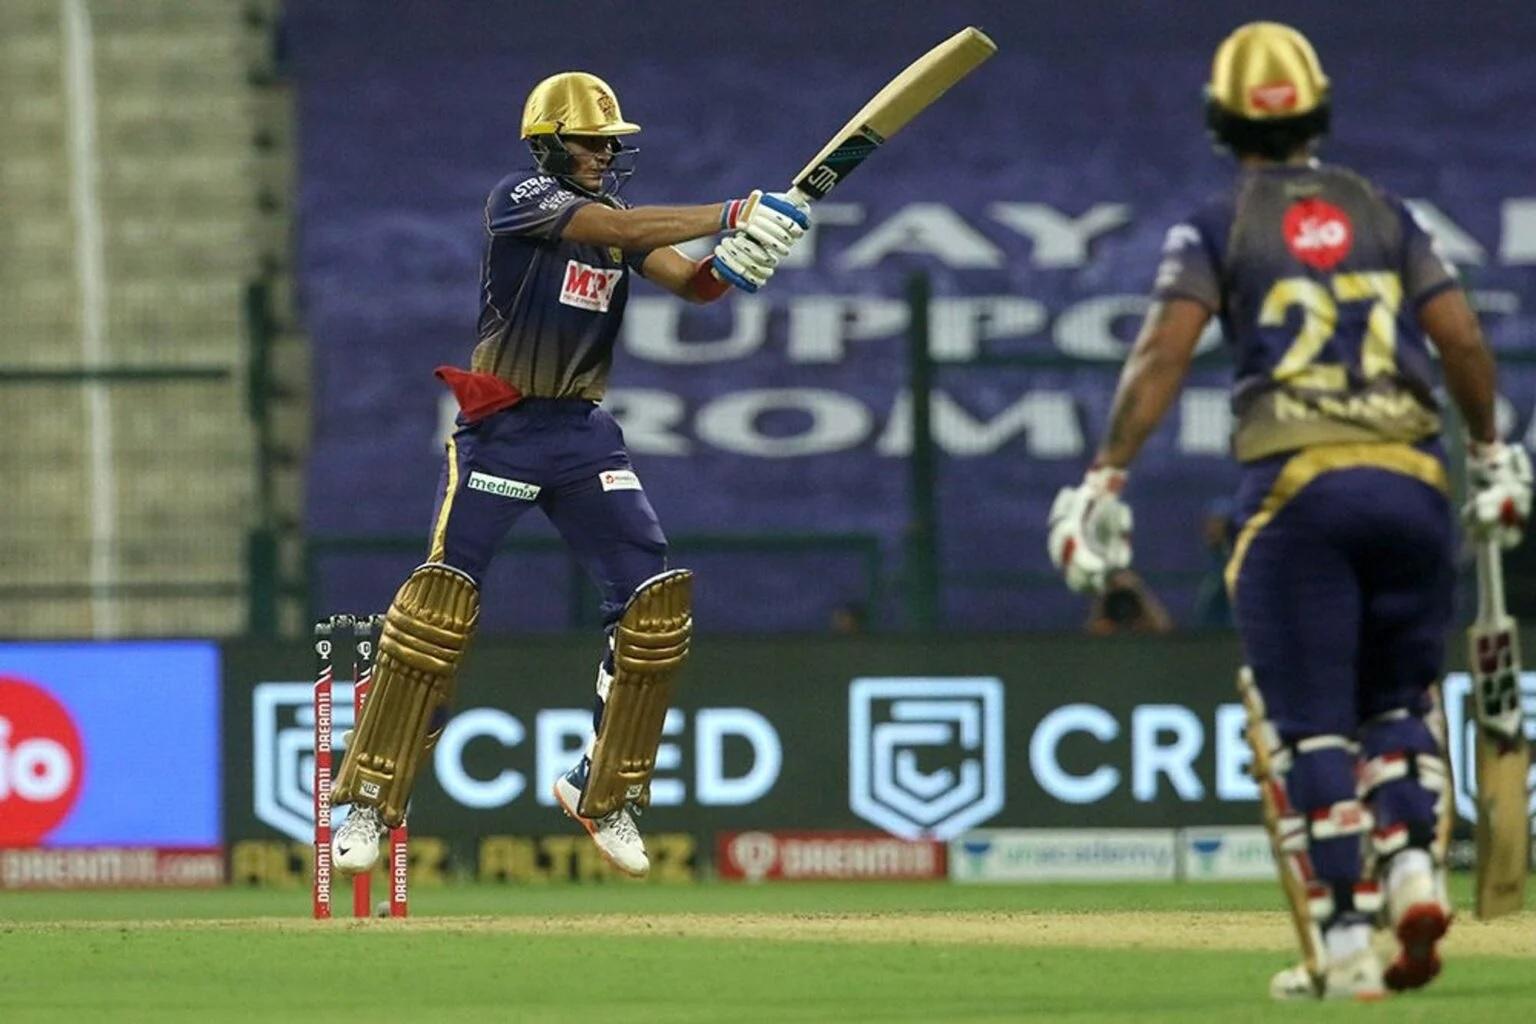 IPL 2020, KKRvsSRH: ৭০ রানের ম্যাচ জেতানো ইনিংস খেলে সোশ্যাল মিডিয়ায় ছাইলেন শুভমান গিল 1